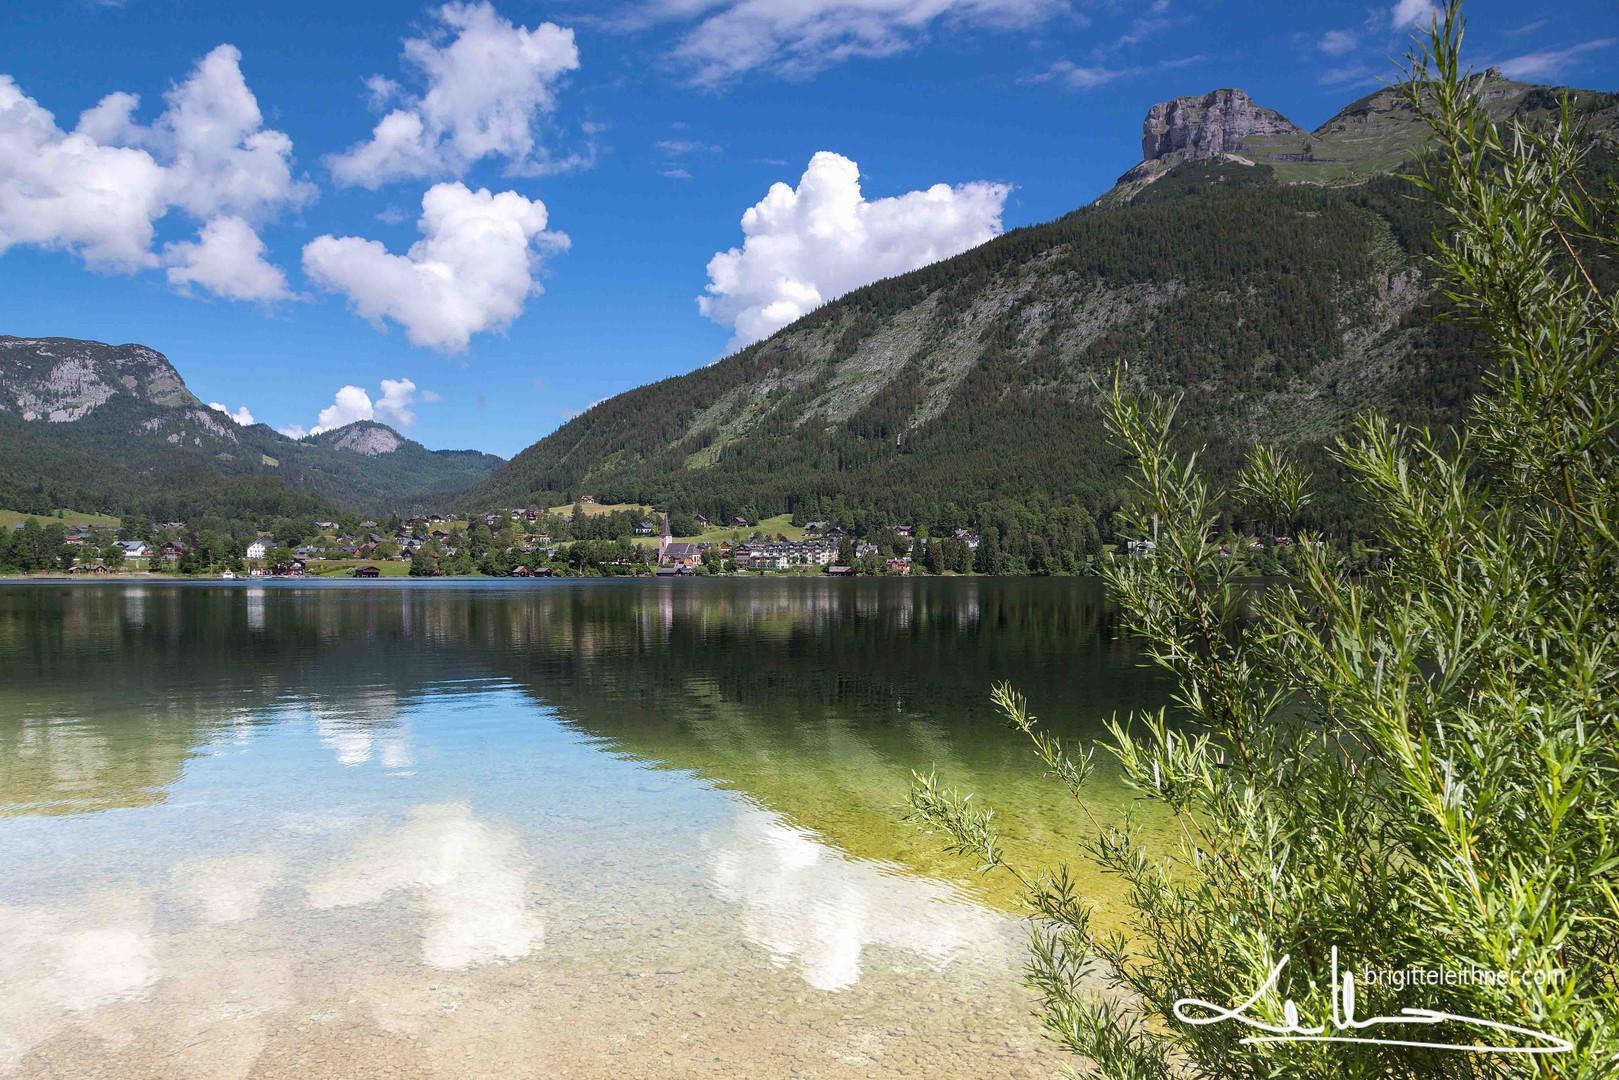 Seenlandschaft © Brigitte Leithner